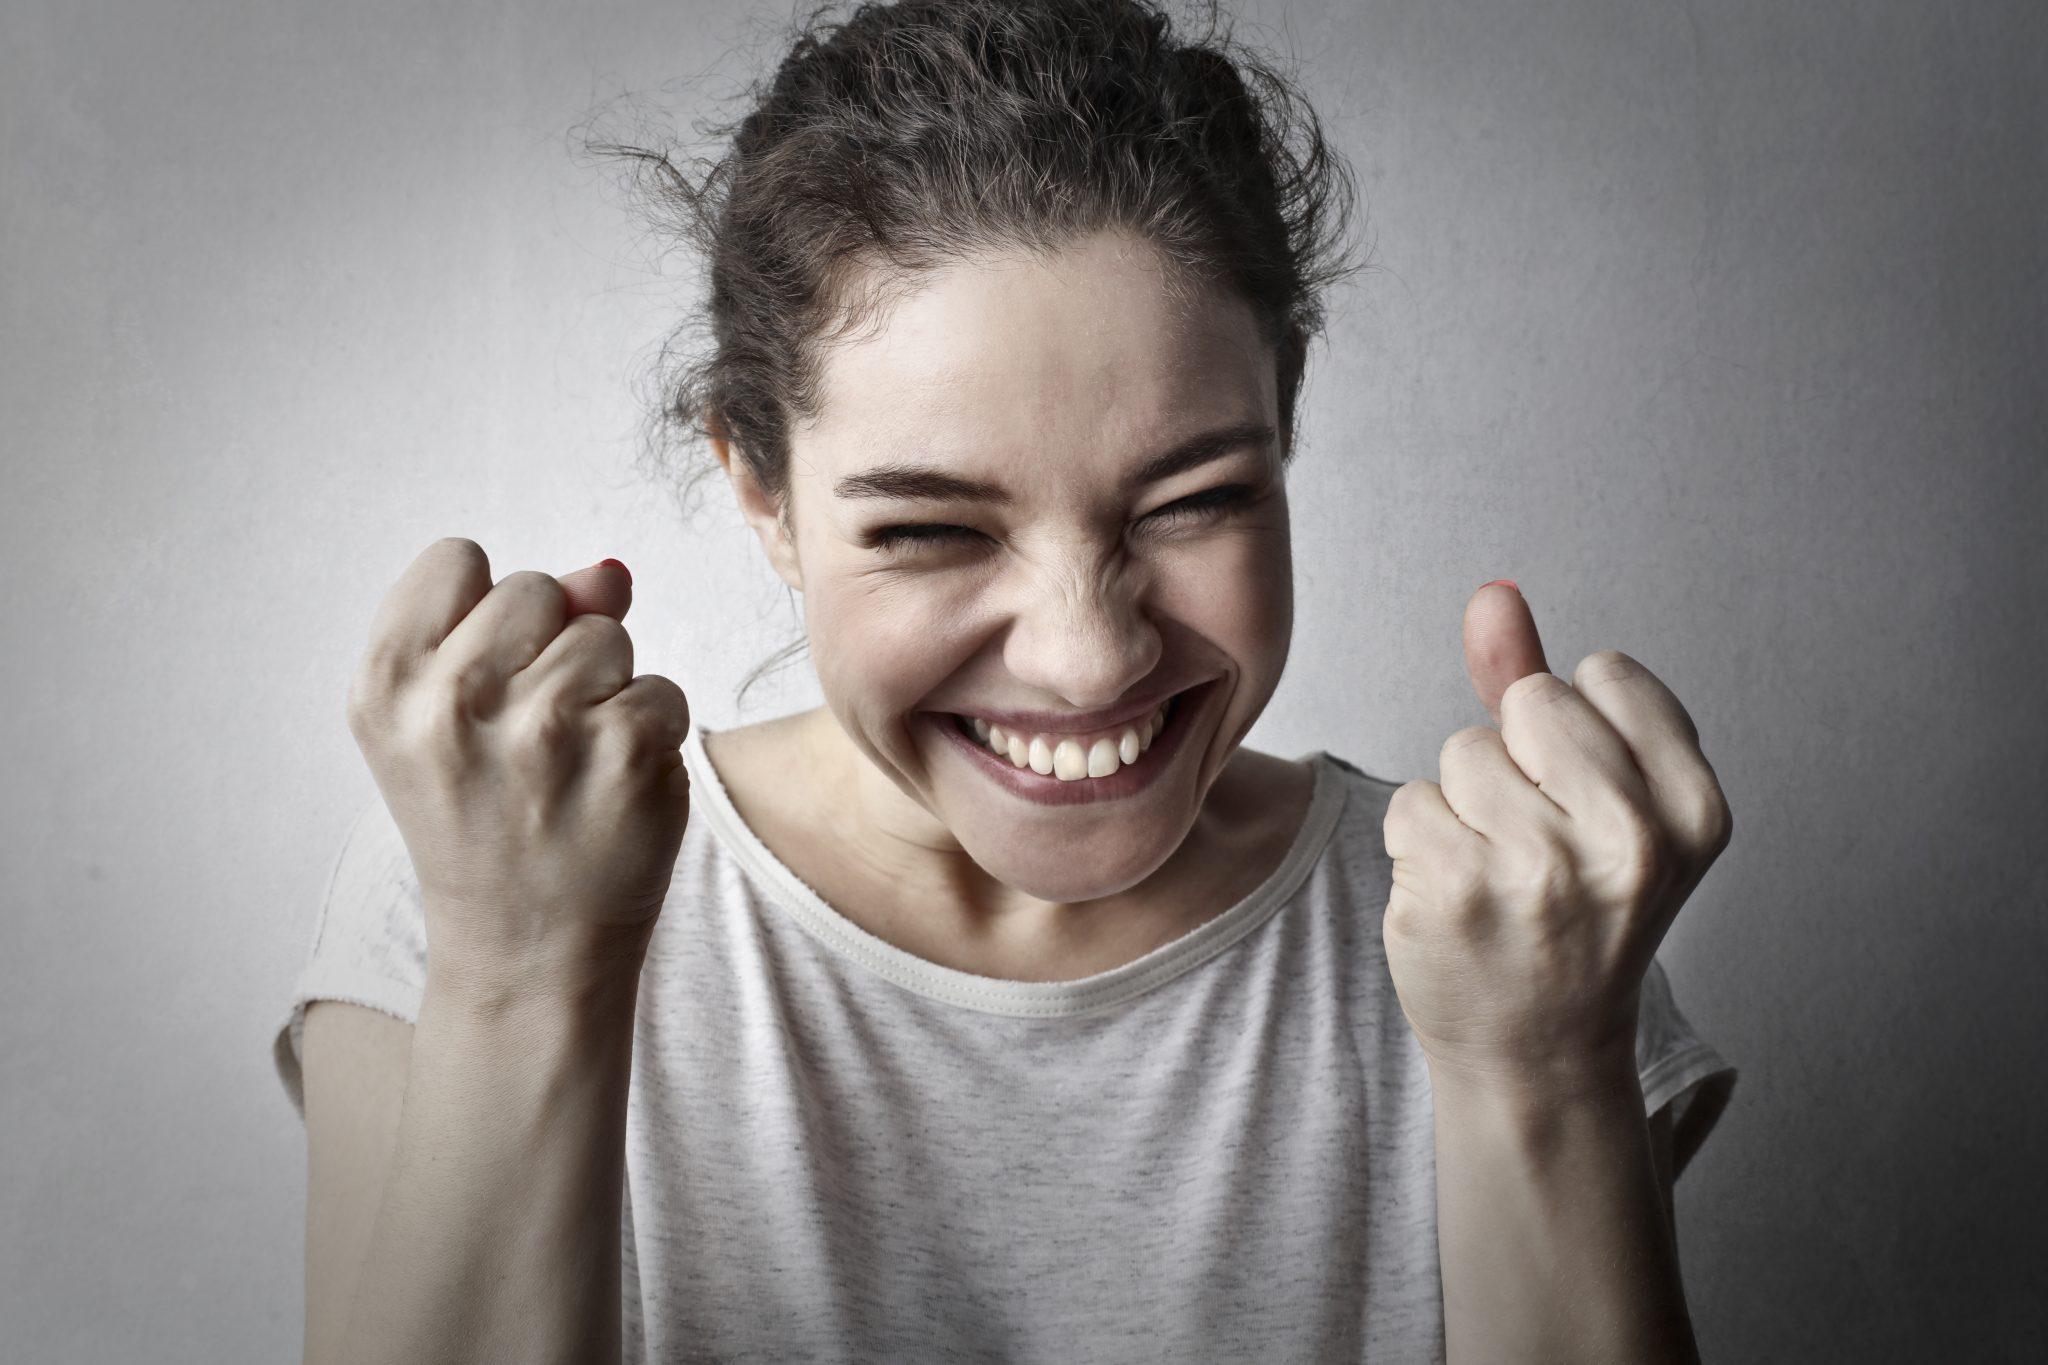 Glücklich sein: 5 Methoden, um es gezielt zu trainieren